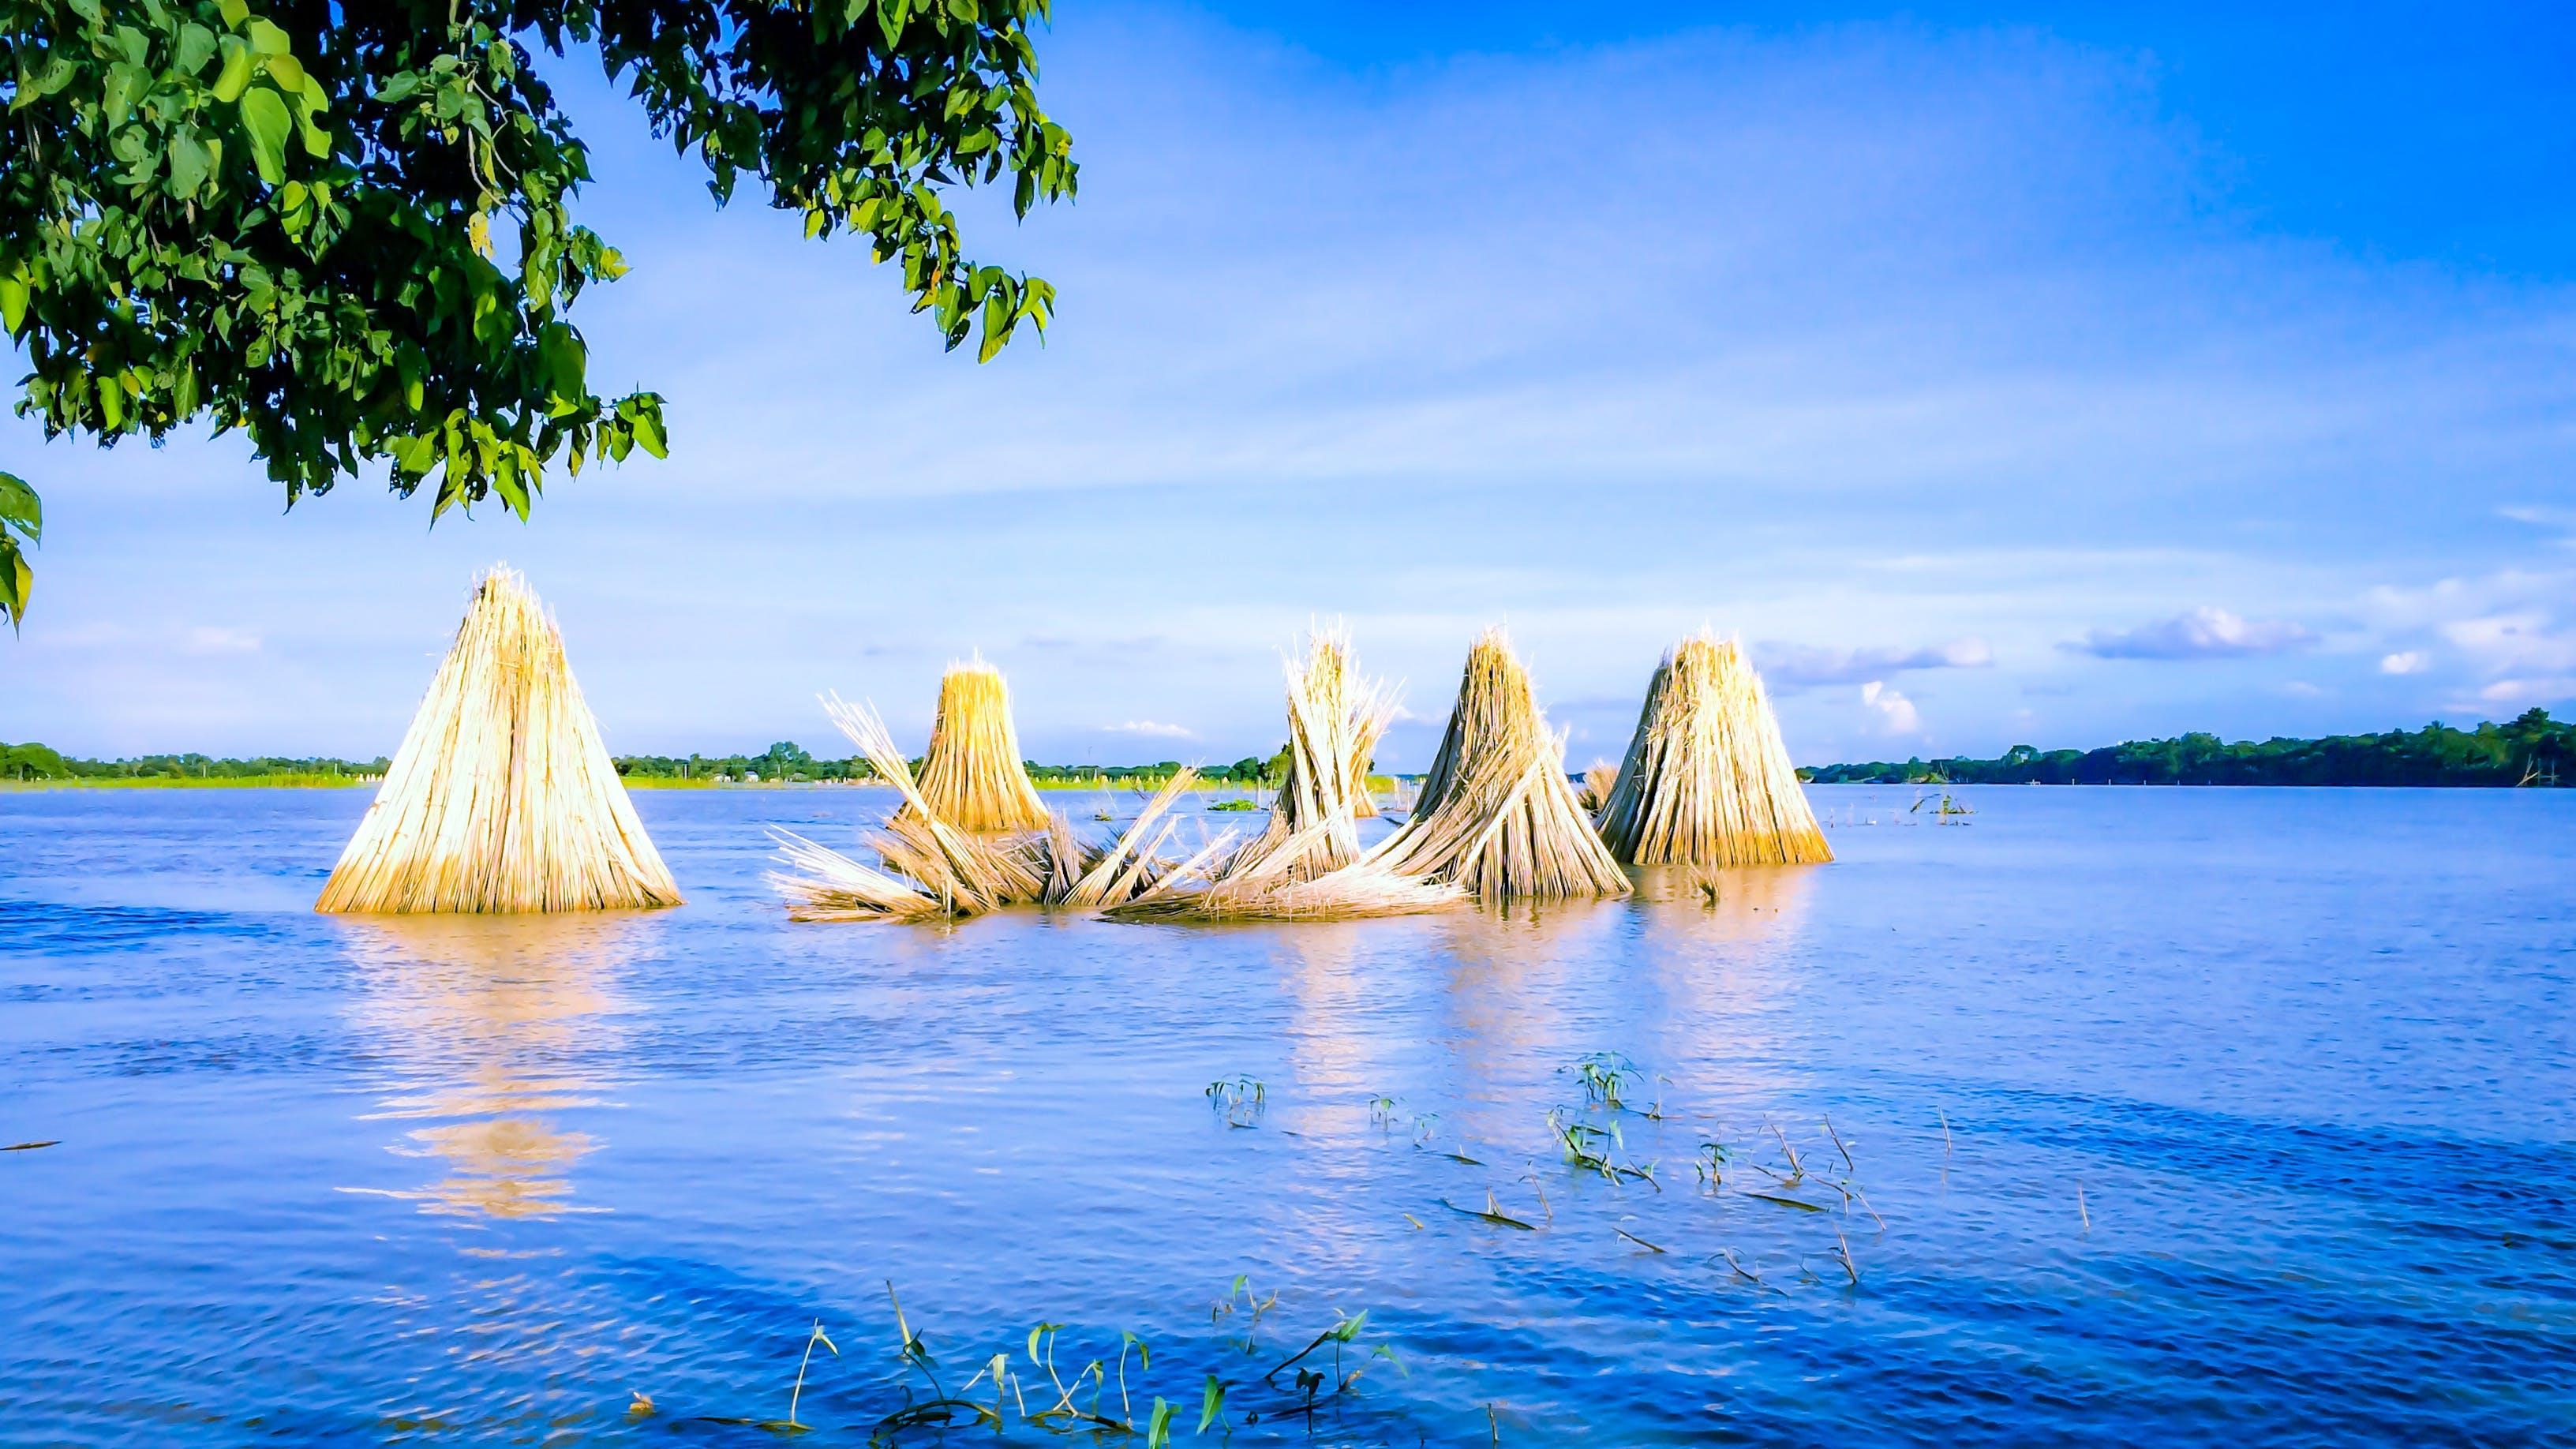 Δωρεάν στοκ φωτογραφιών με bangladesh, γαλάζια νερά, καταρράκτης του μπαγκλαντές, μόνο δέντρο